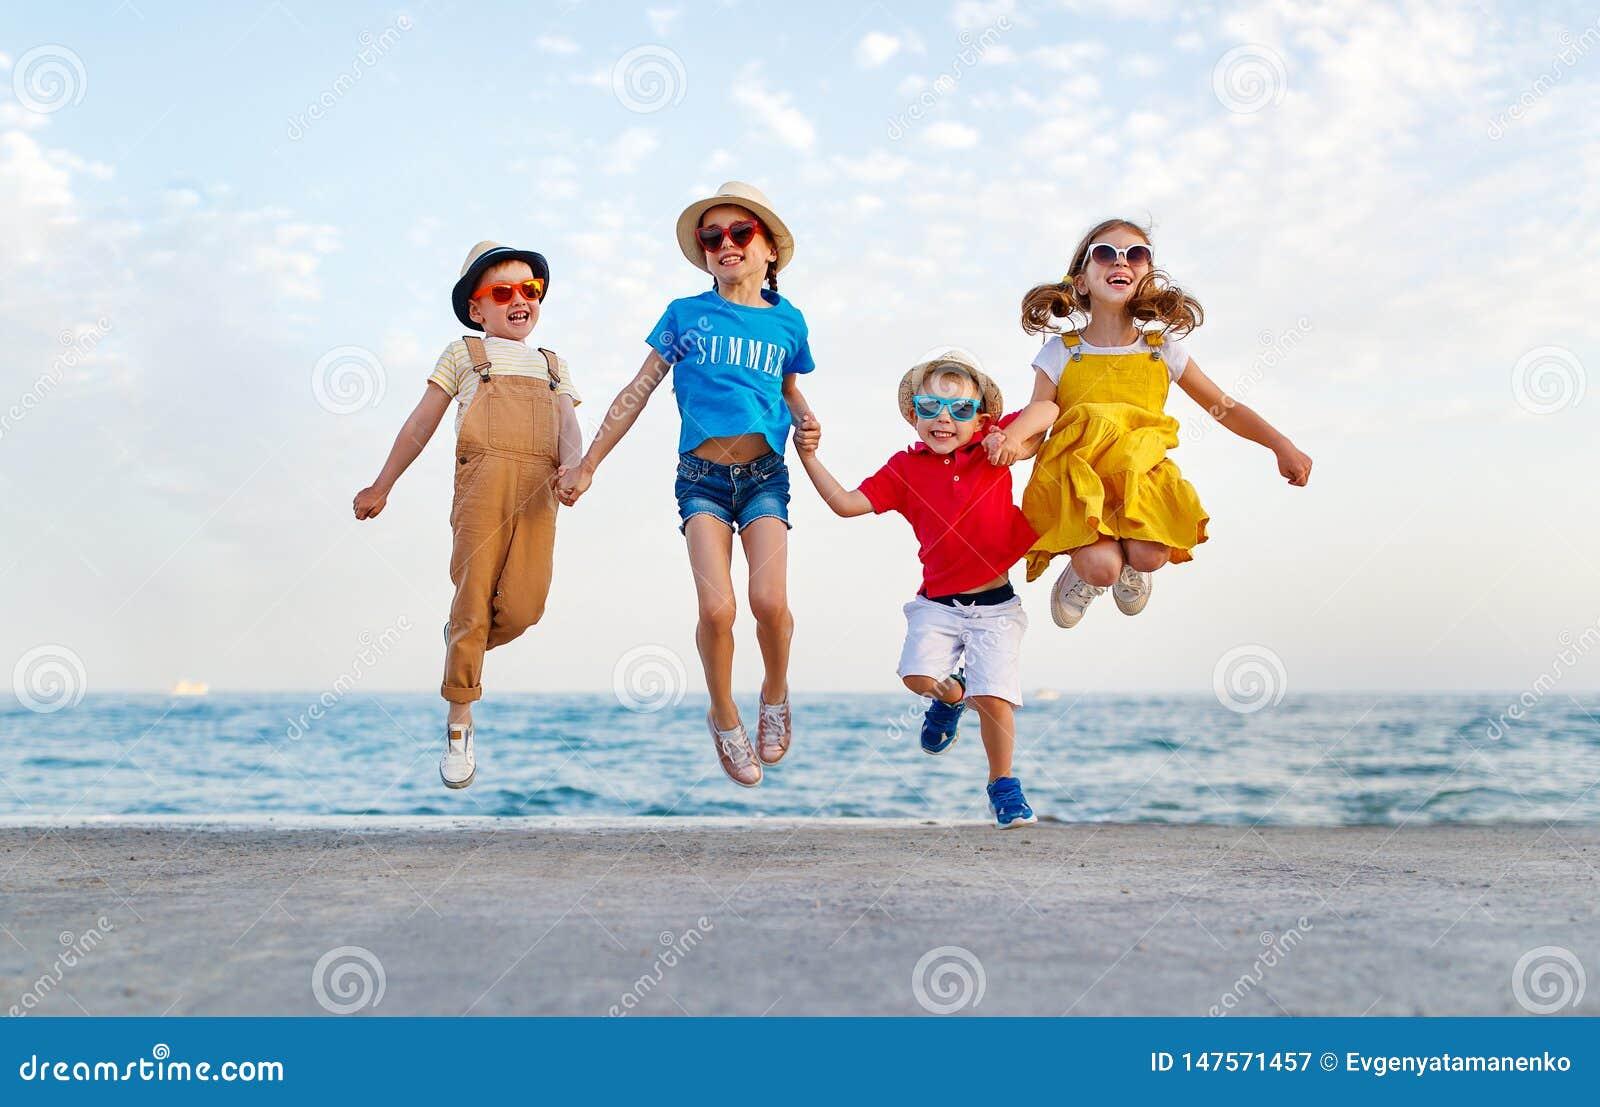 Gruppe glückliche Kinder springen durch Meer im Sommer